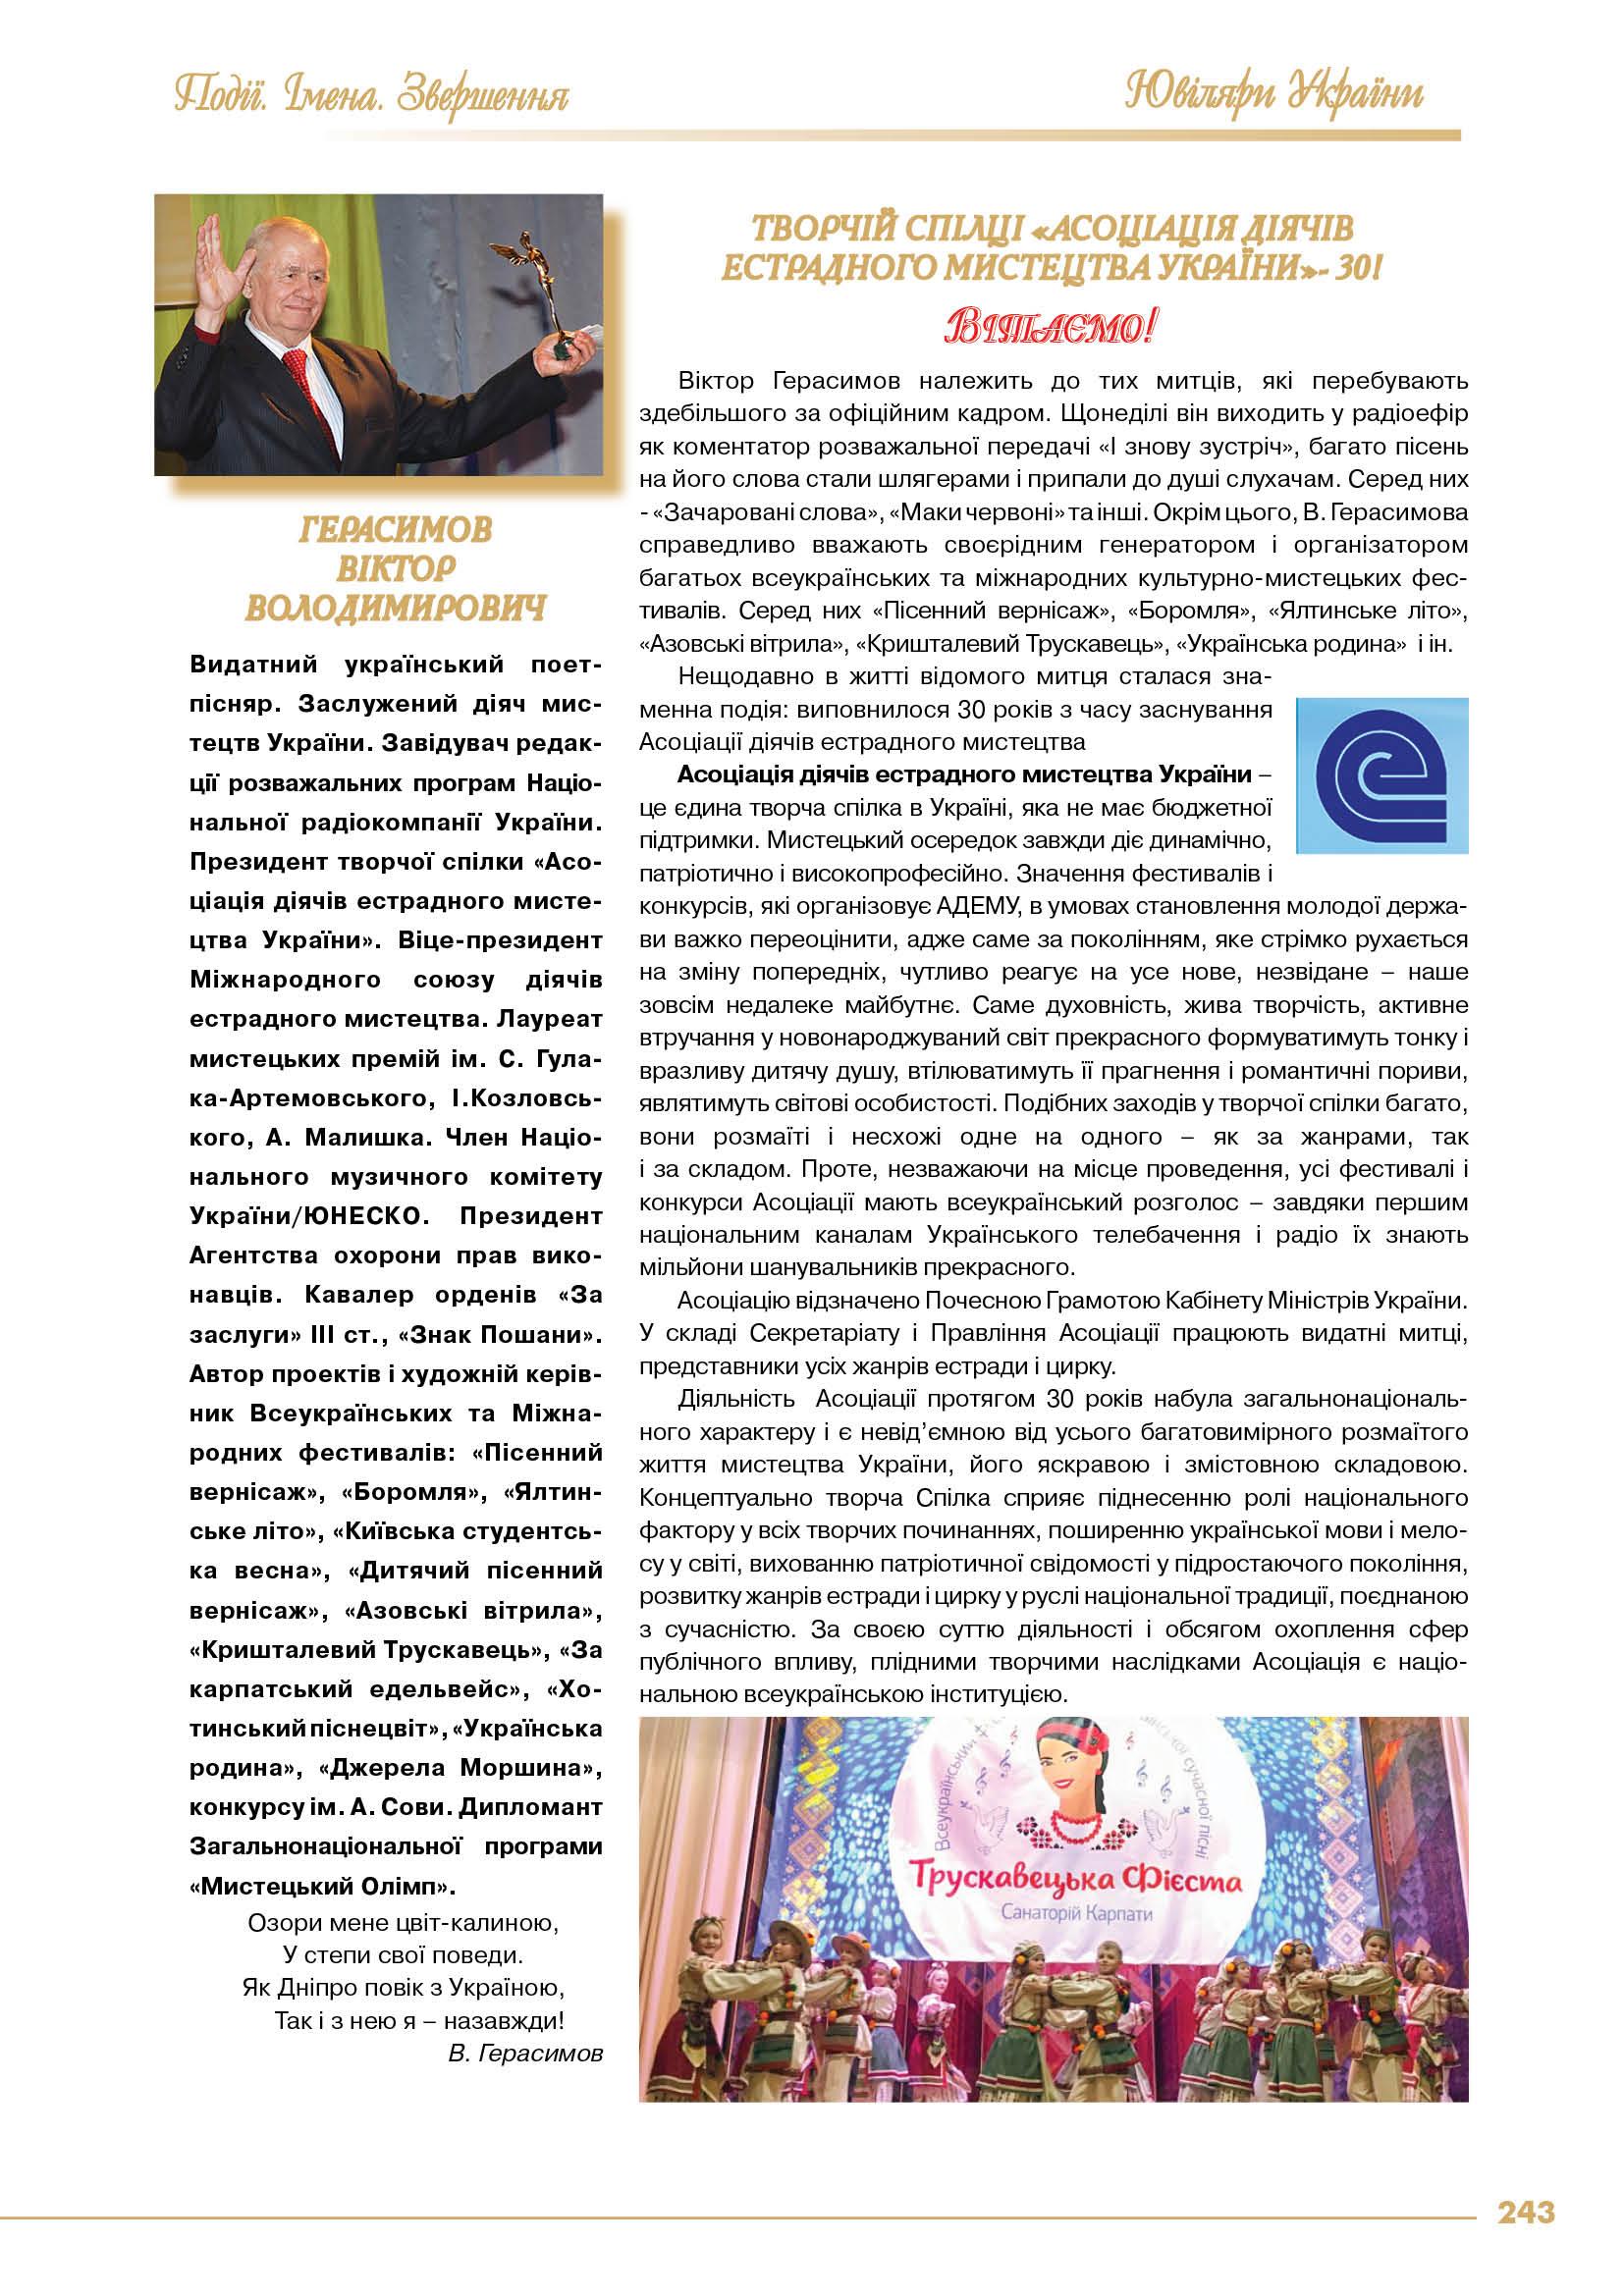 Герасимов Віктор Володимирович - Творчій спілці «Асоціація діячів естрадного мистецтва України» - 30!